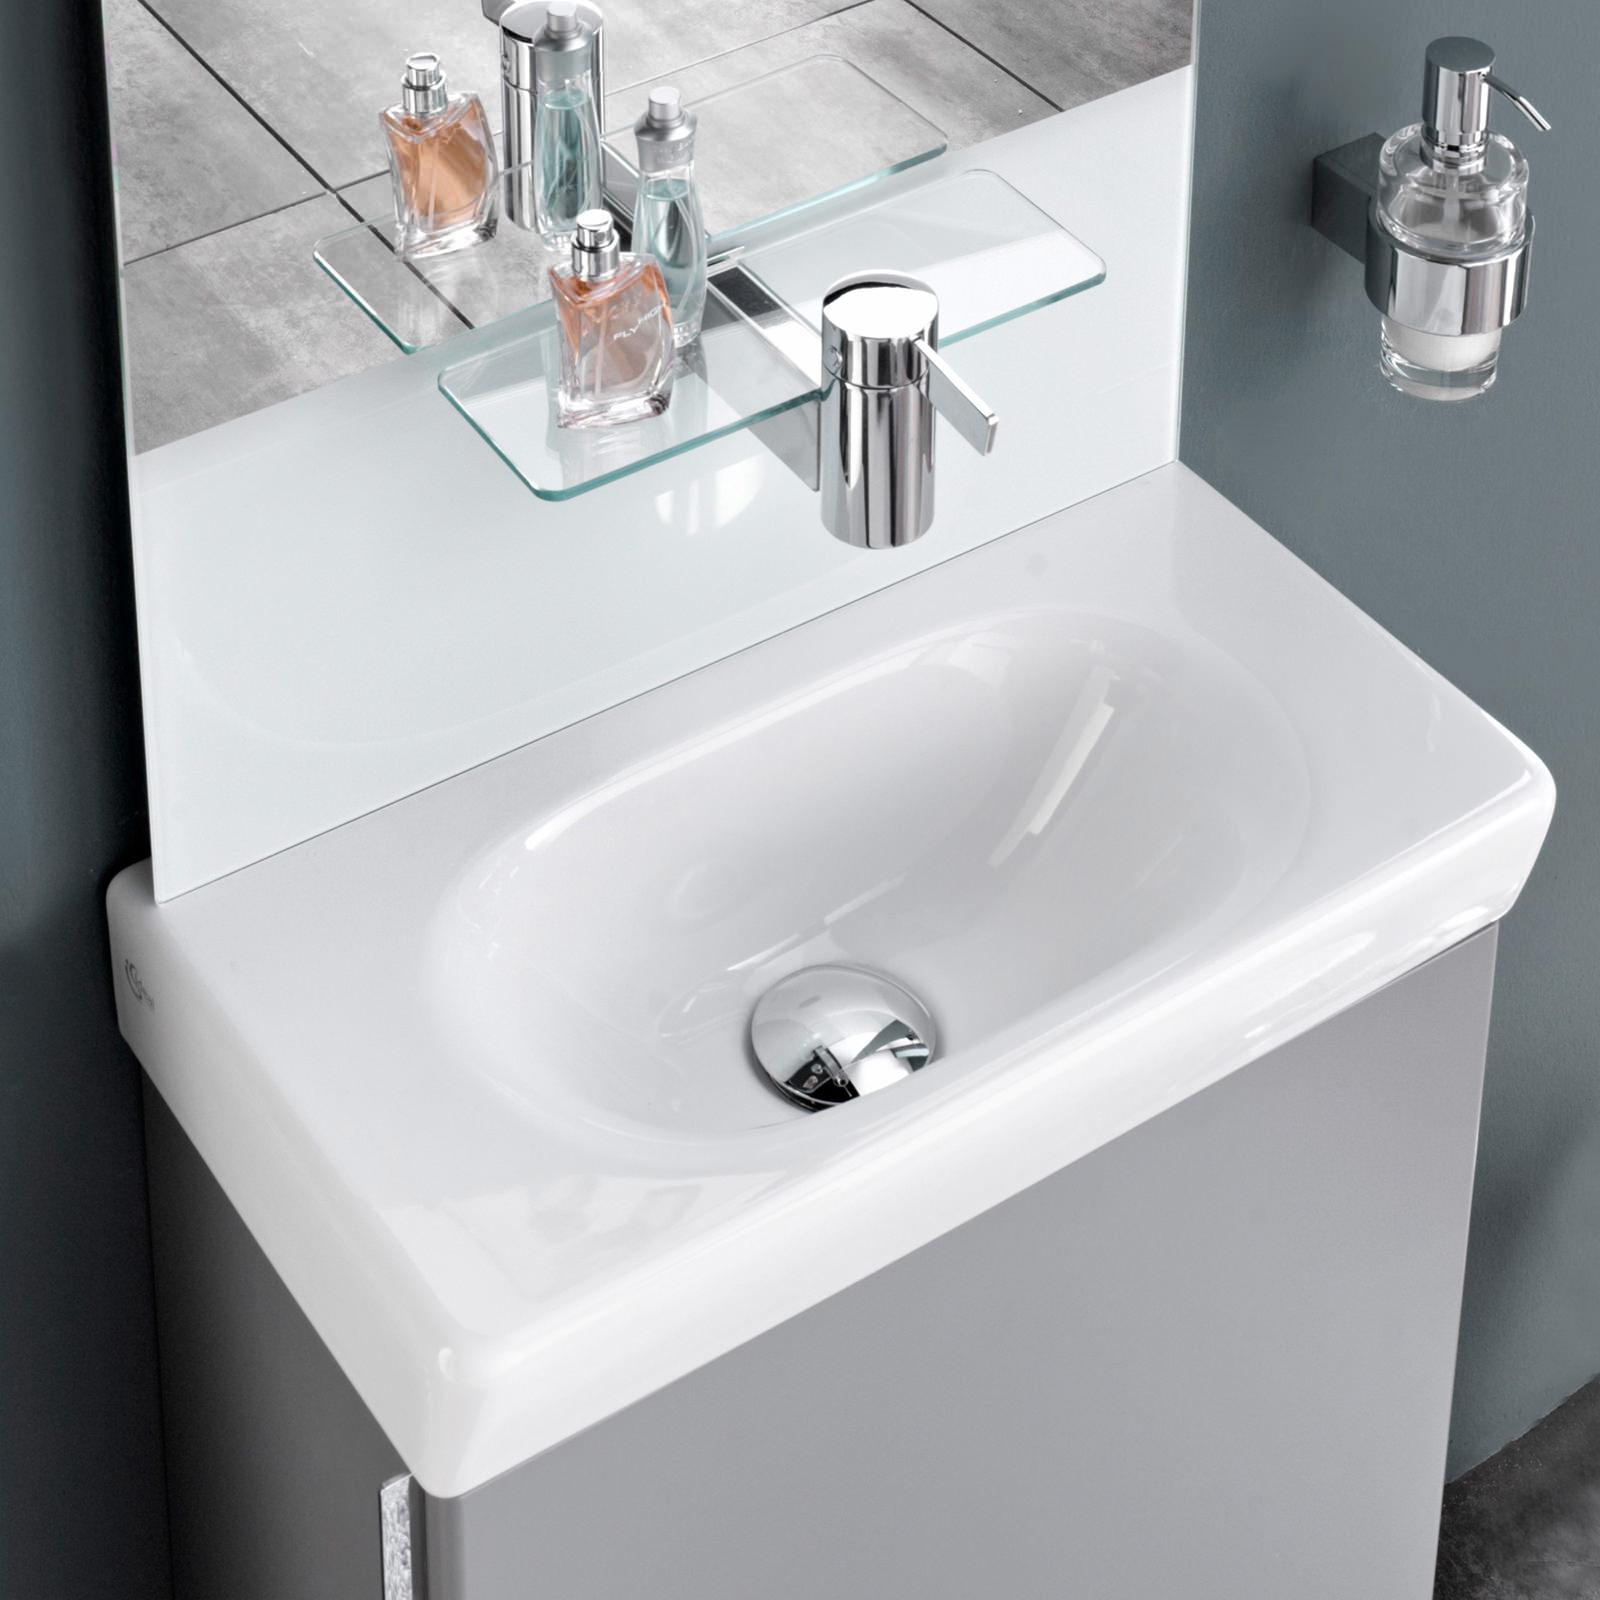 ideal standard tonic guest 500mm central washbasin k070501. Black Bedroom Furniture Sets. Home Design Ideas